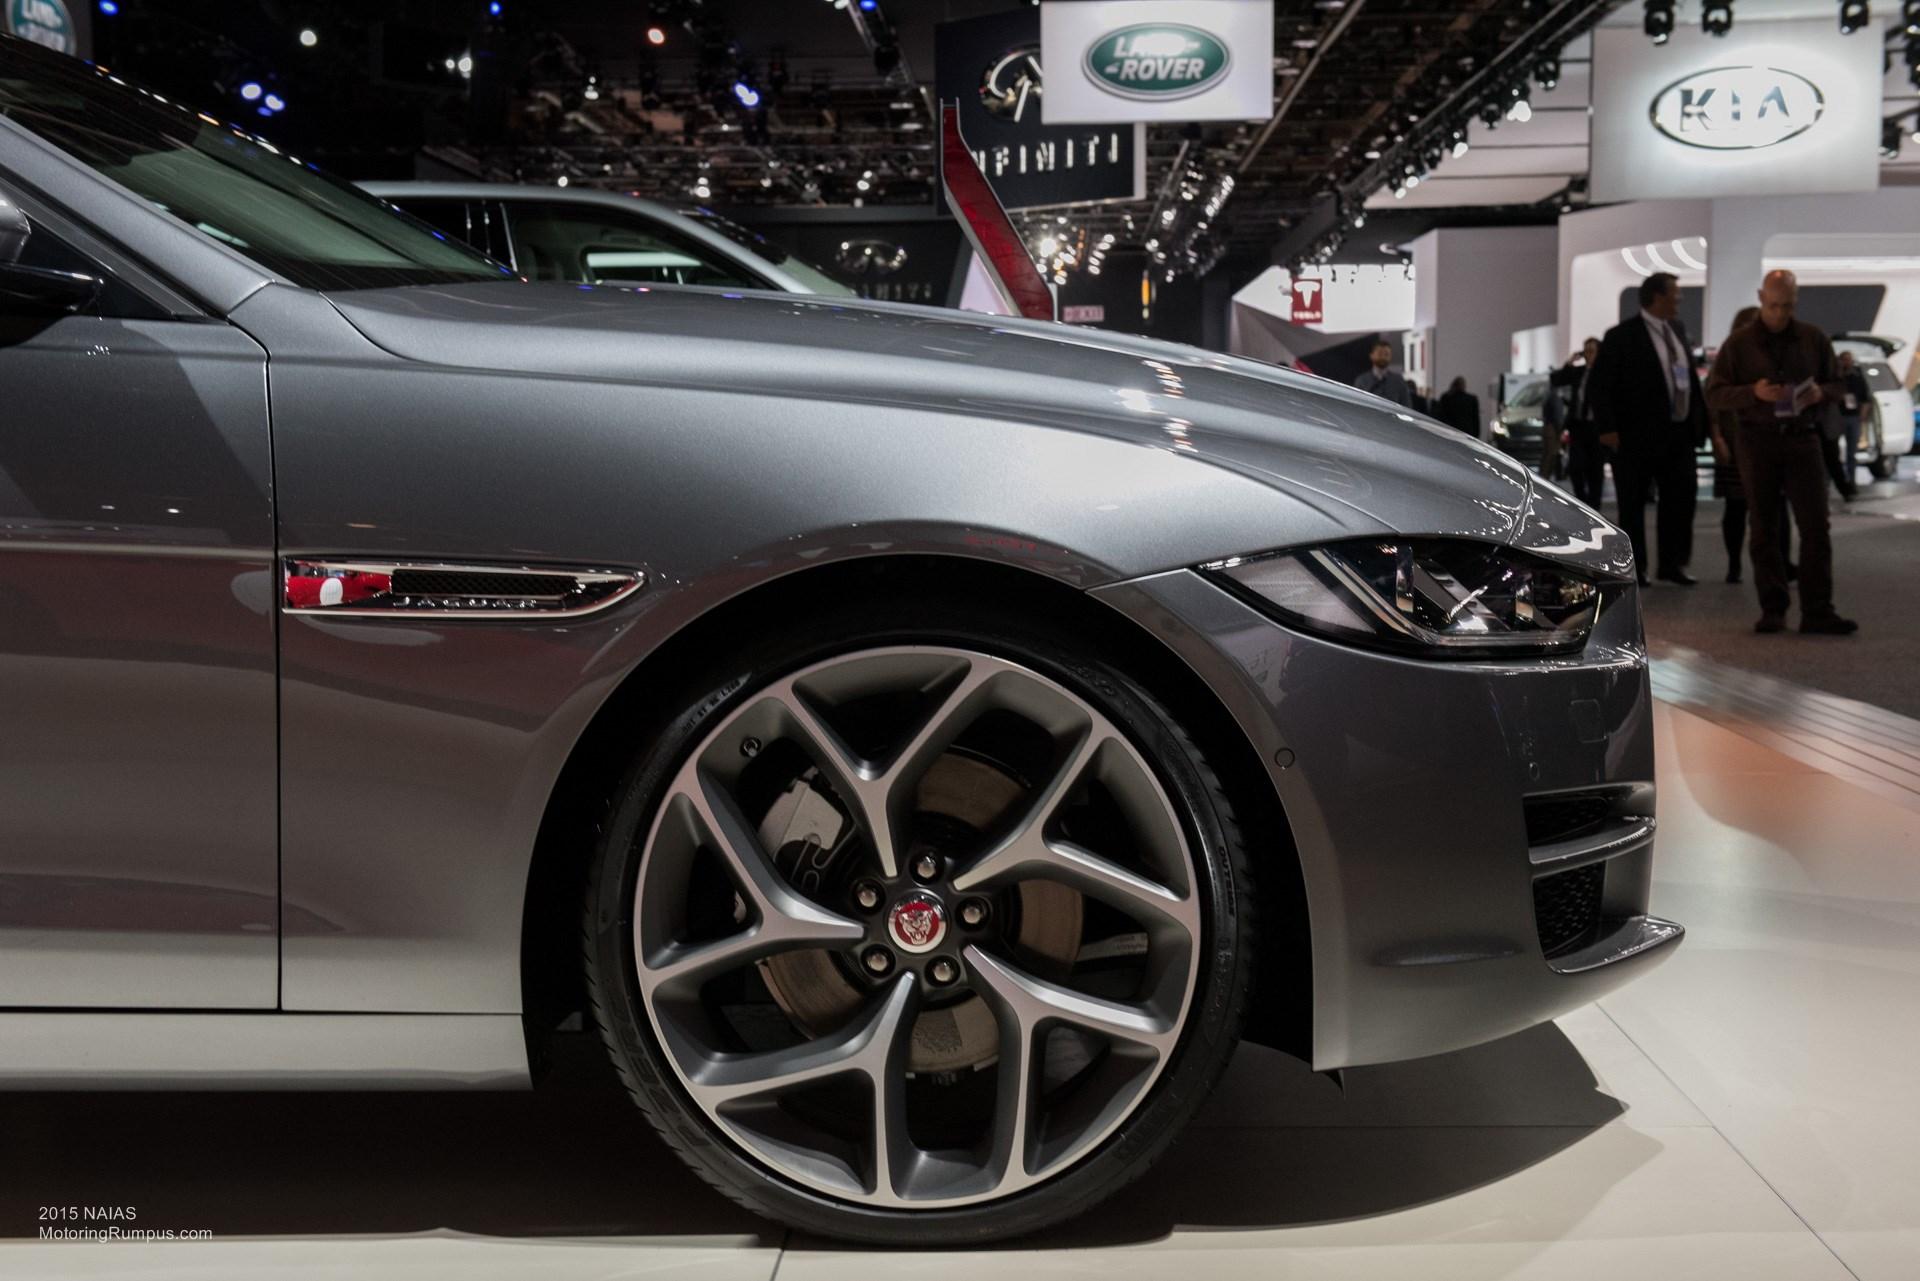 sierra yukon hollander rims usarim chrome chr jaguar wheels gmc